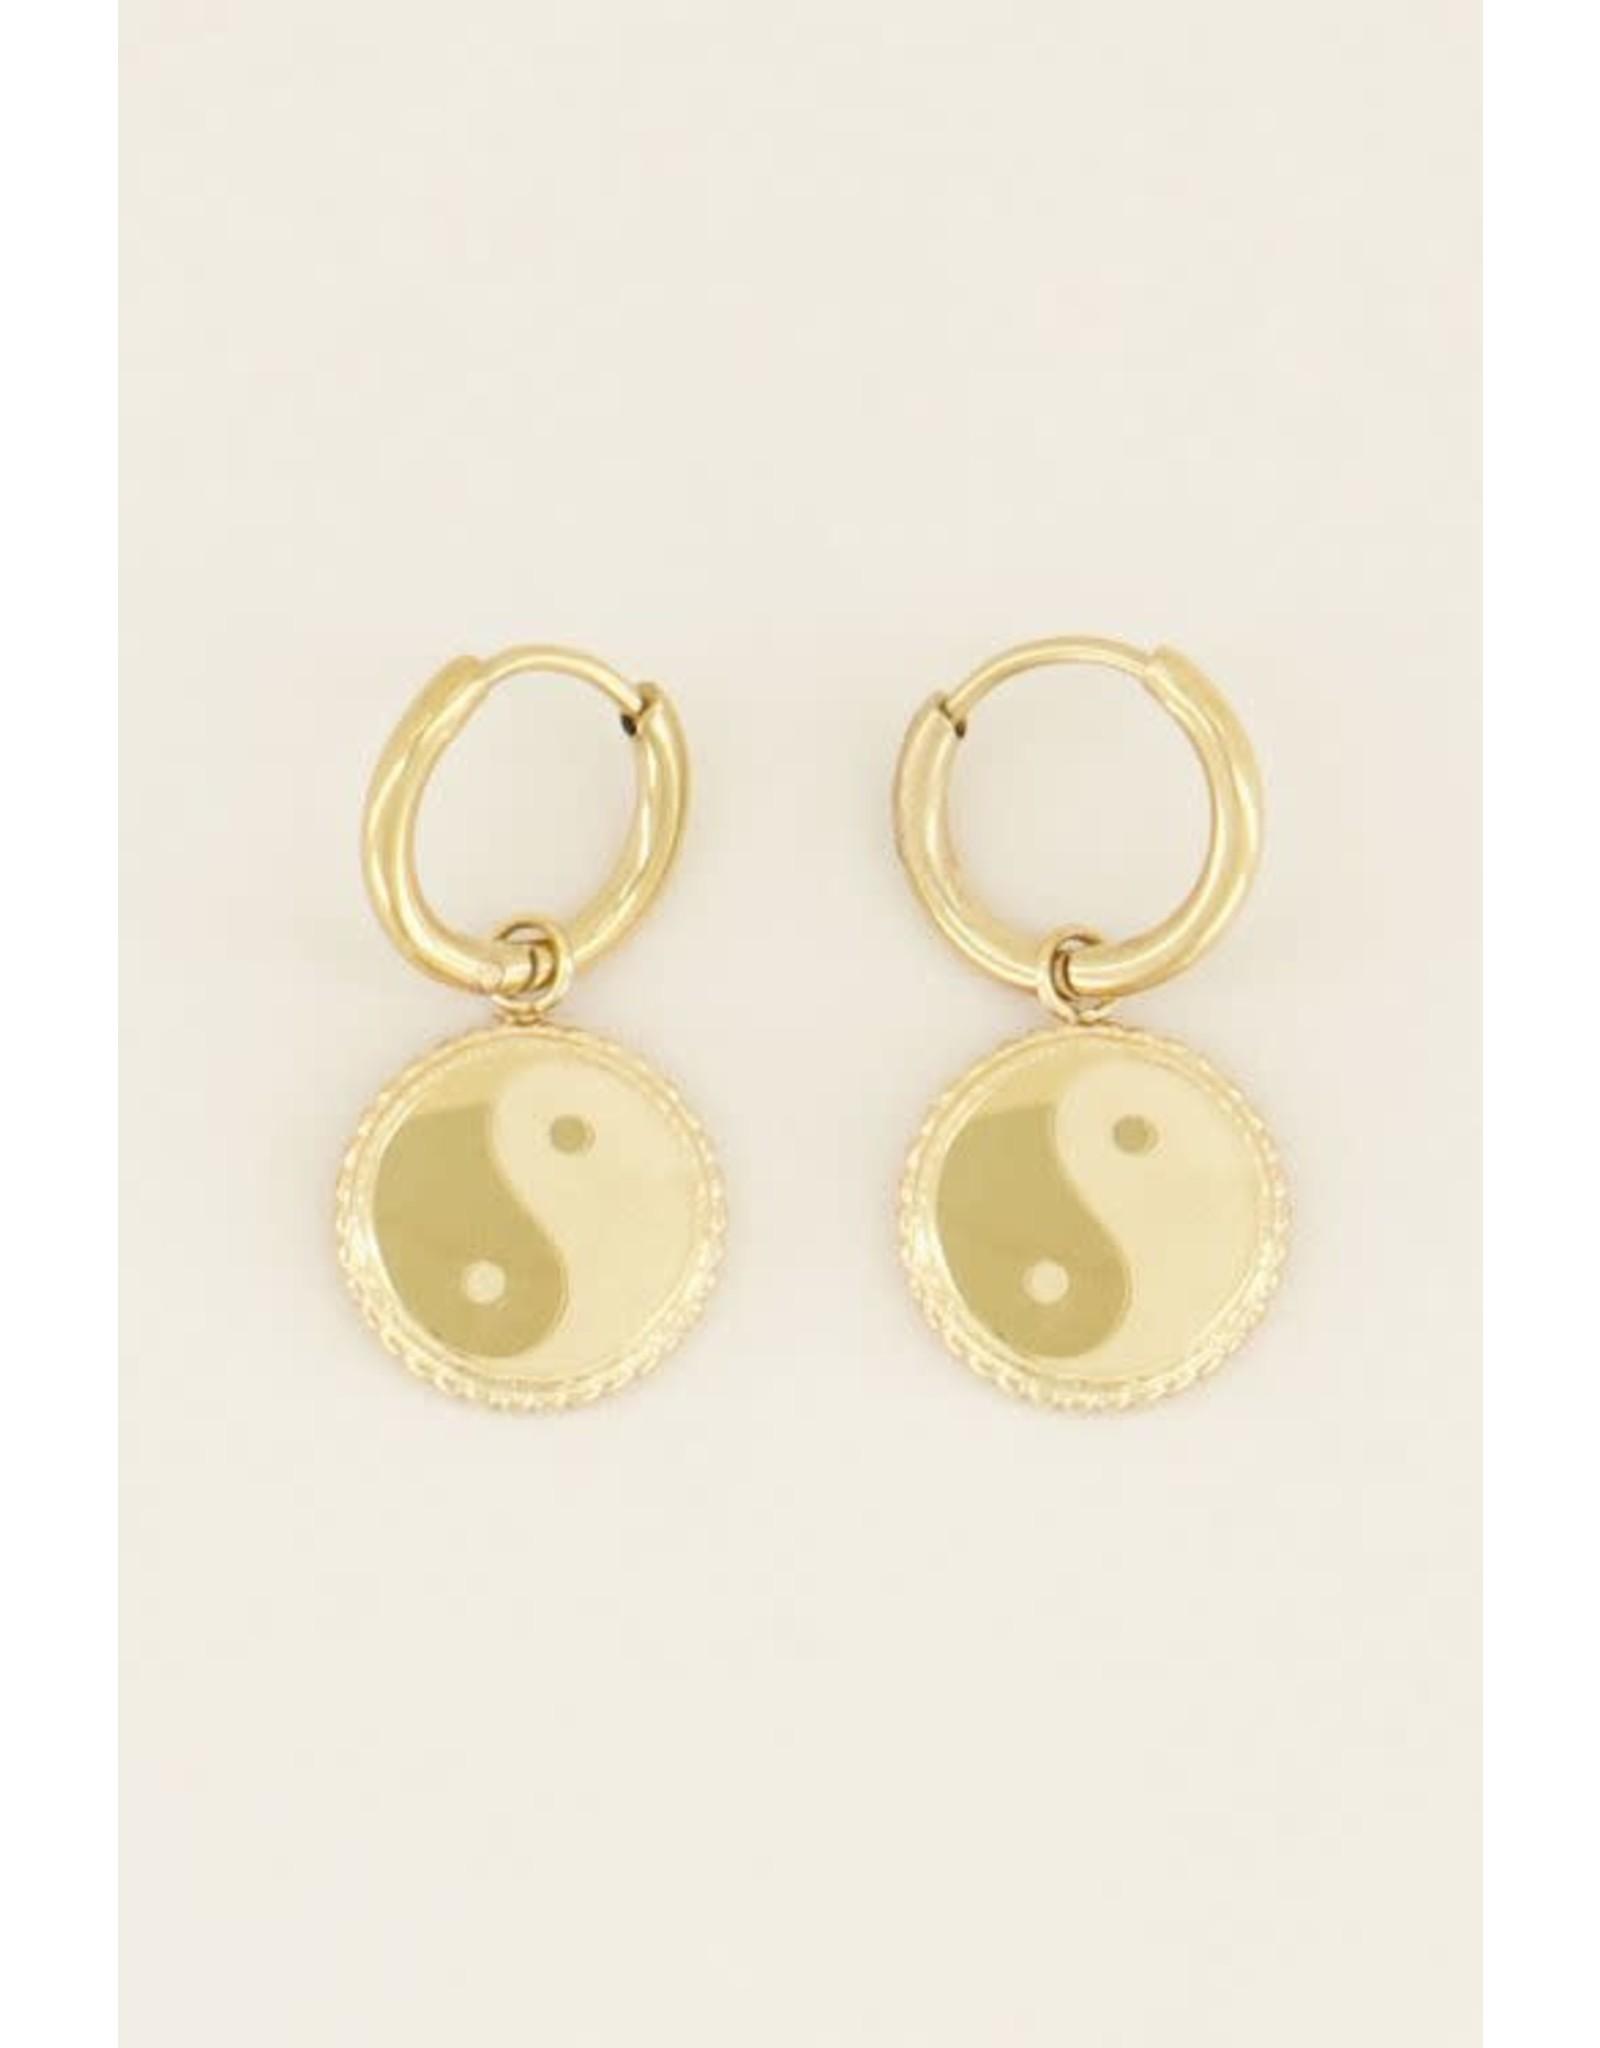 My Jewellery My Jewellery oorbellen Yin & Yang